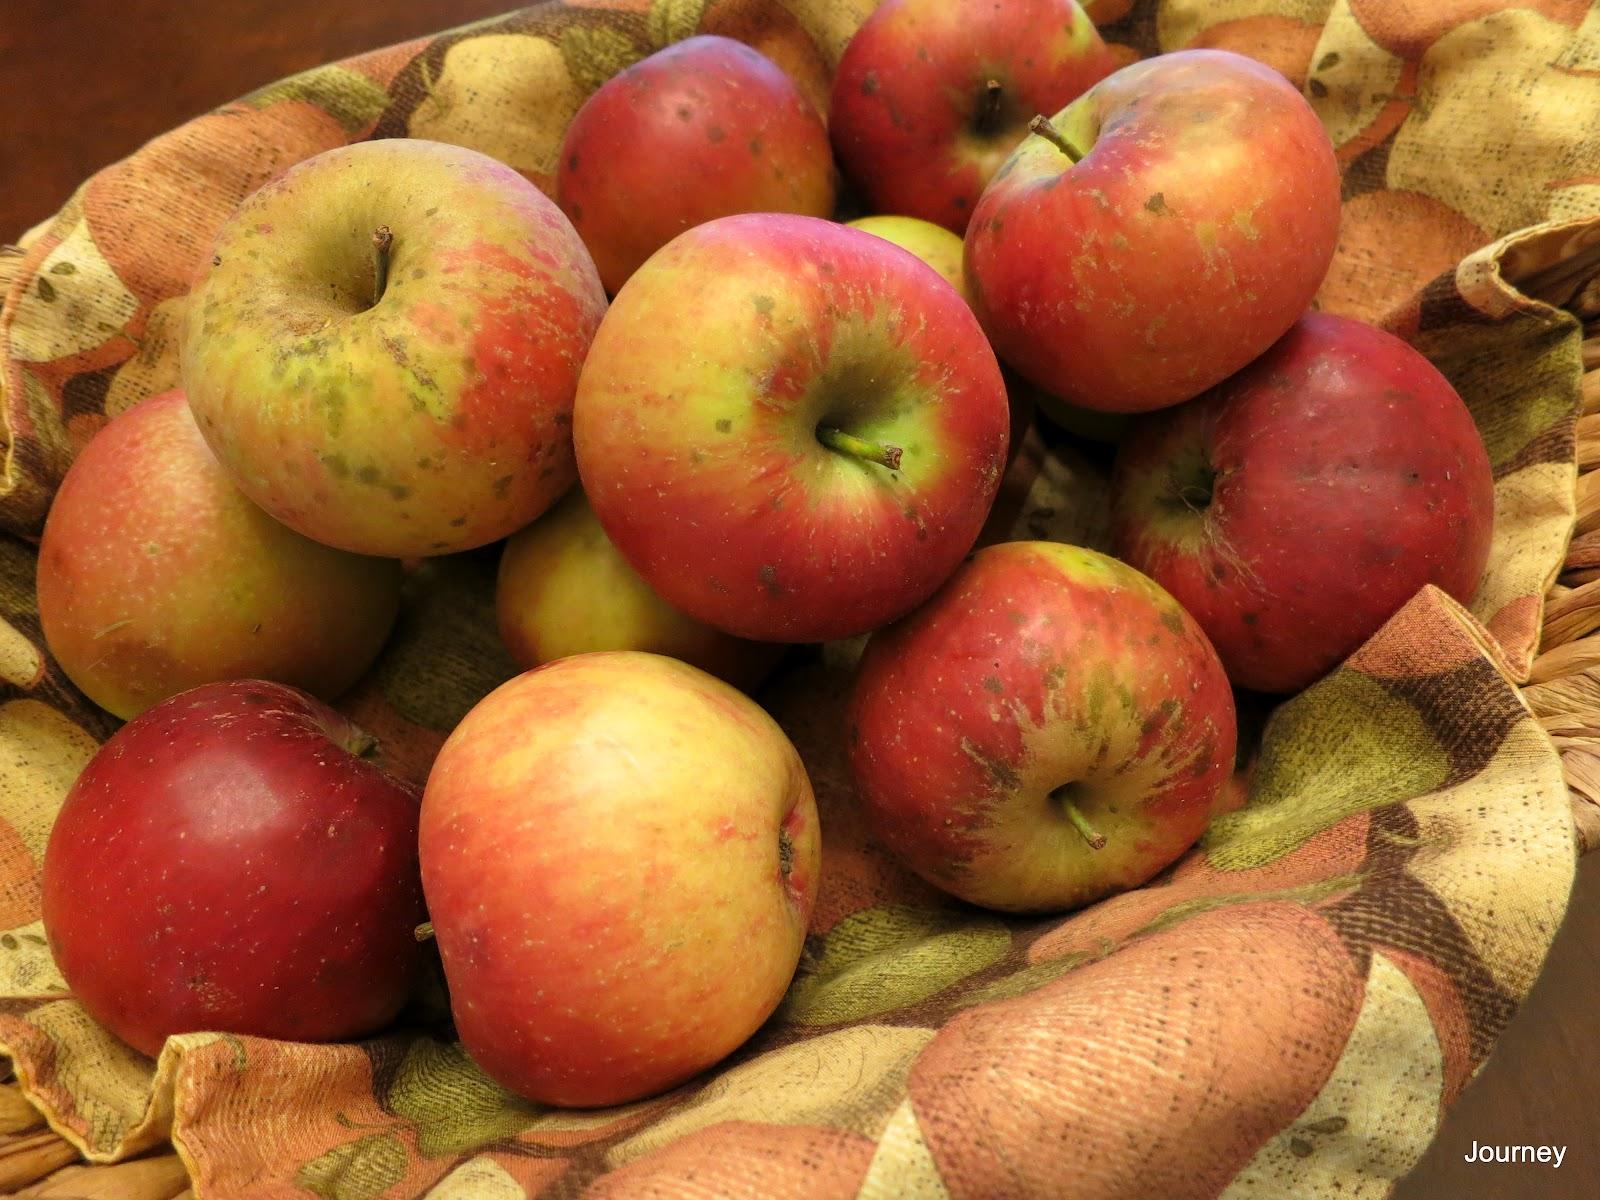 Journey Perfect Apple Pie